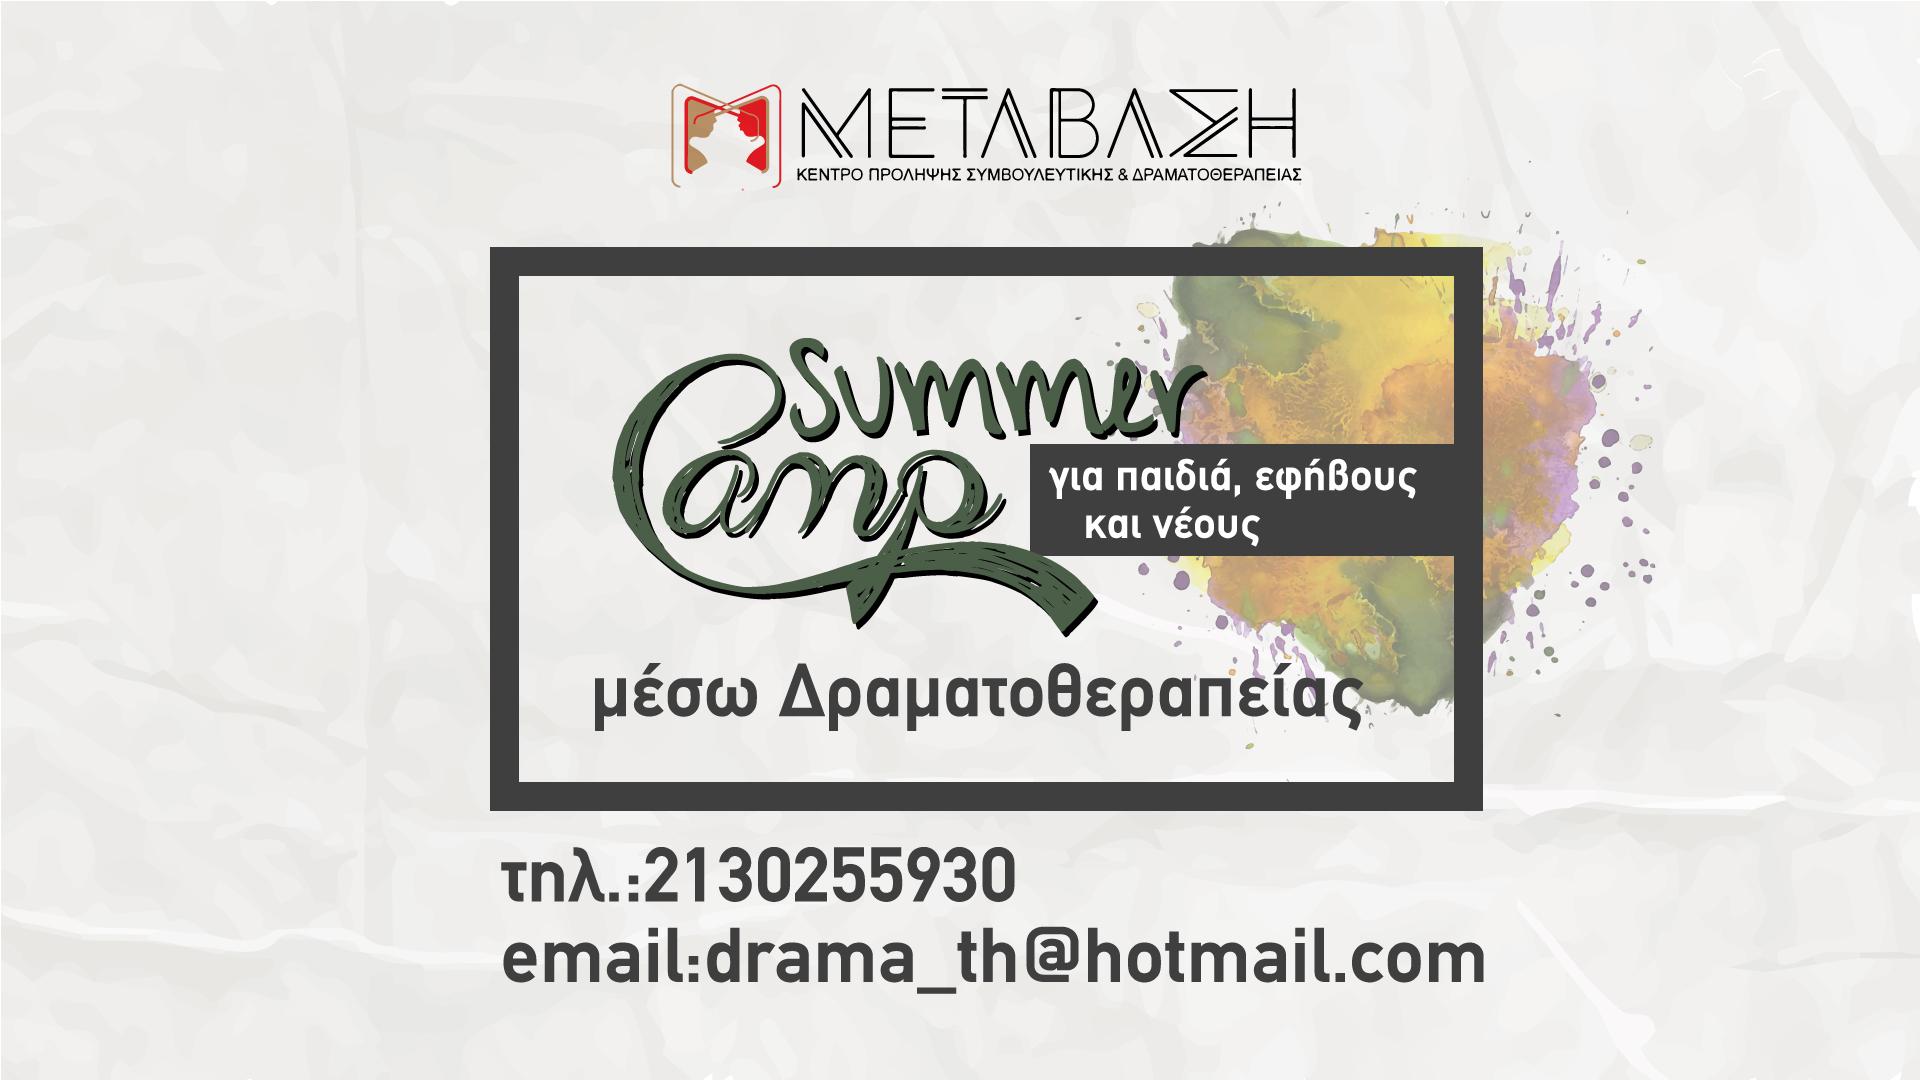 Summer Camp από τη ΜΕΤΑΒΑΣΗ για παιδιά, εφήβους & νέους μέσω Δραματοθεραπείας